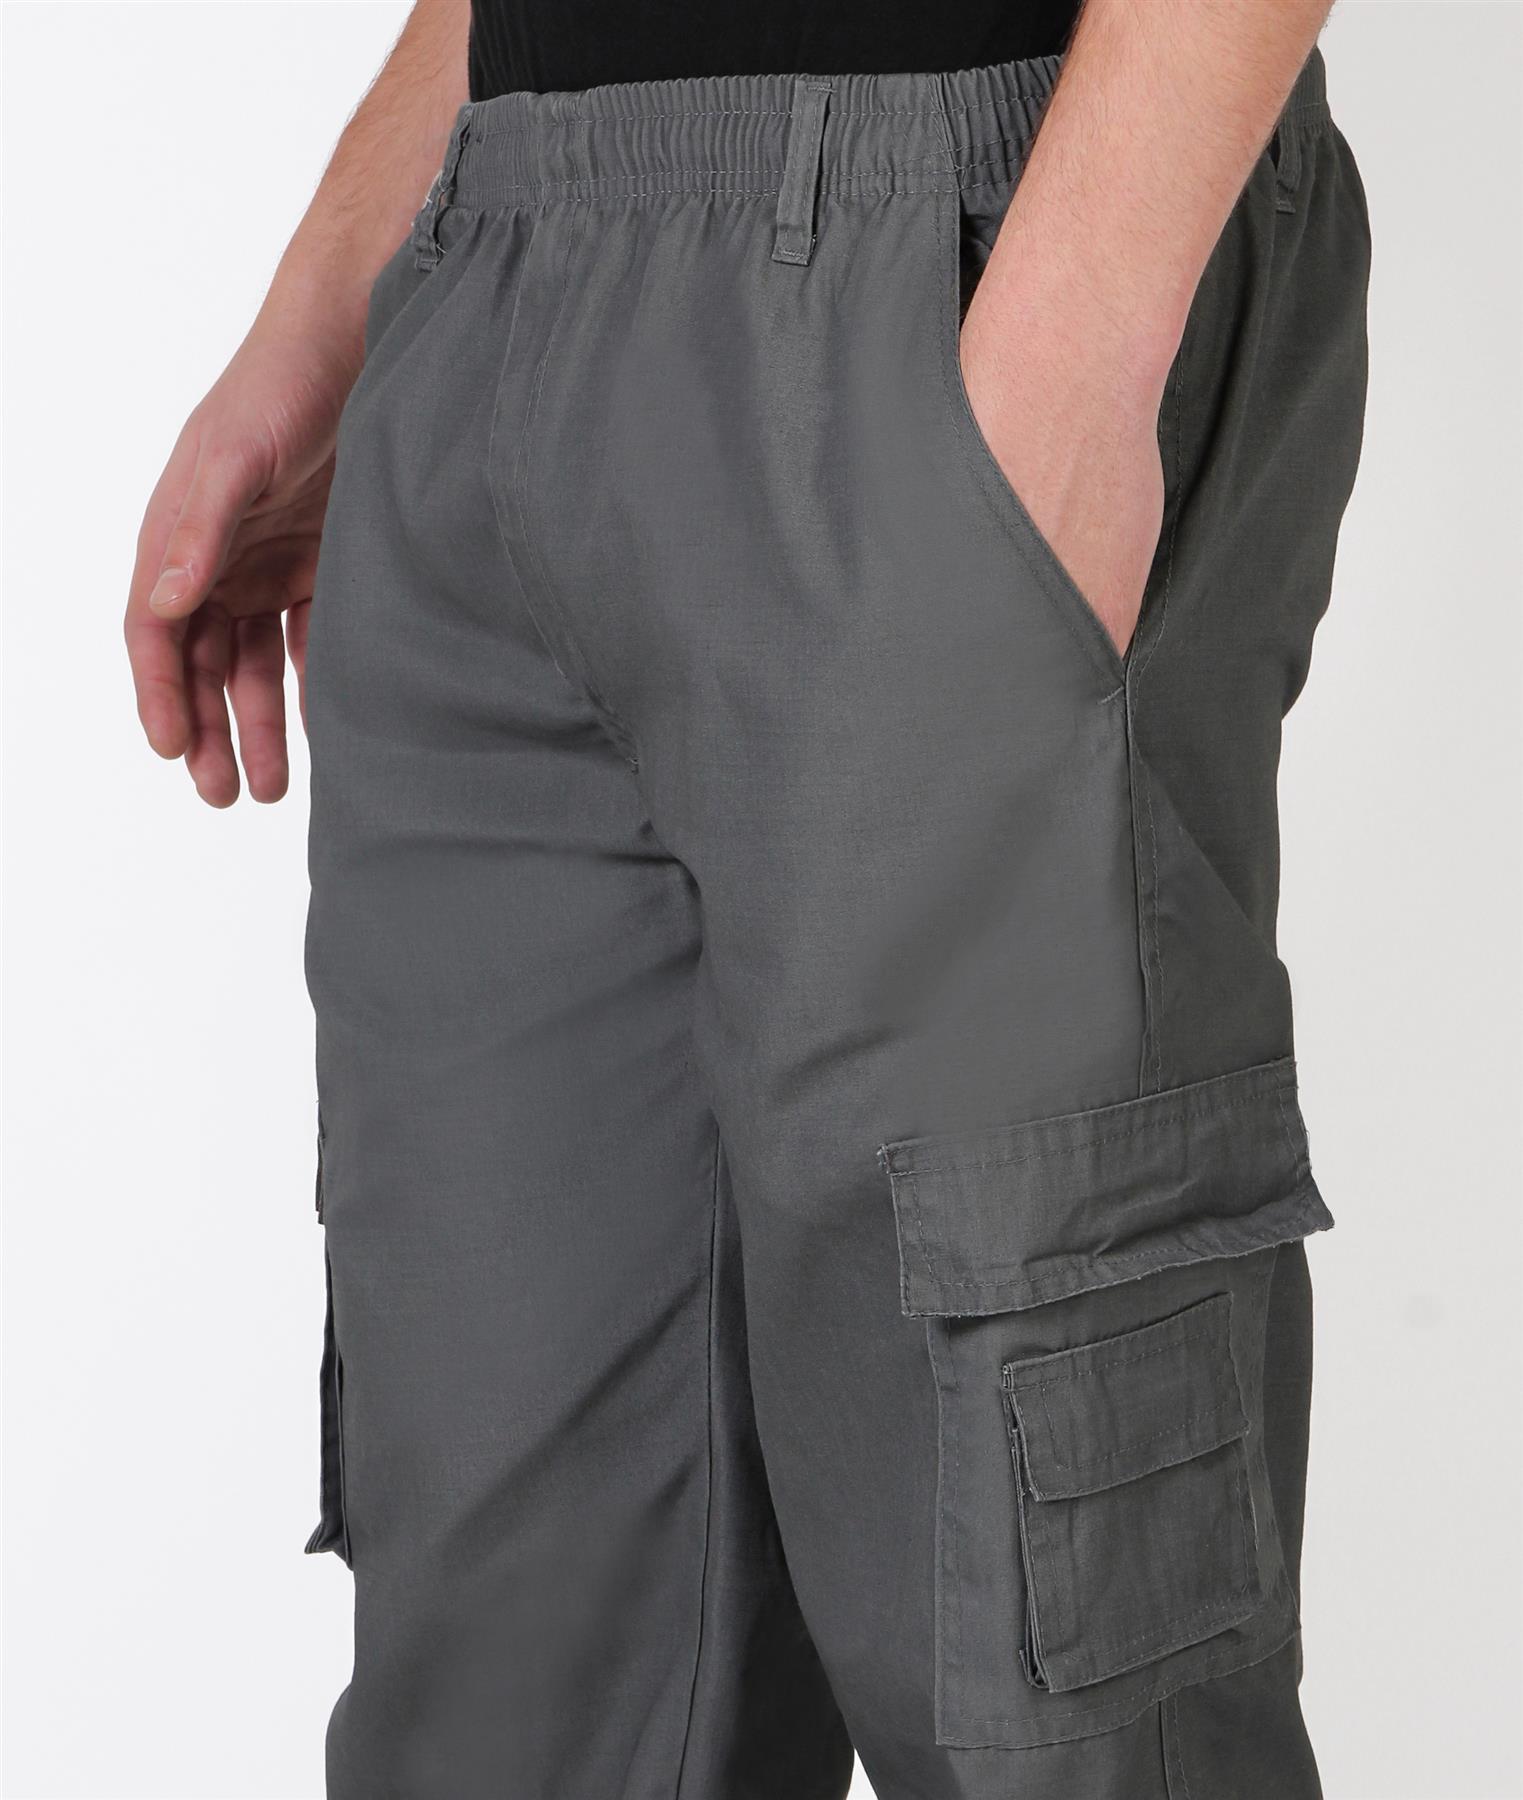 Uomo-Militare-Cargo-Pantaloni-Cotone-Lavoro-Chino-Casual-Kaki miniatura 15